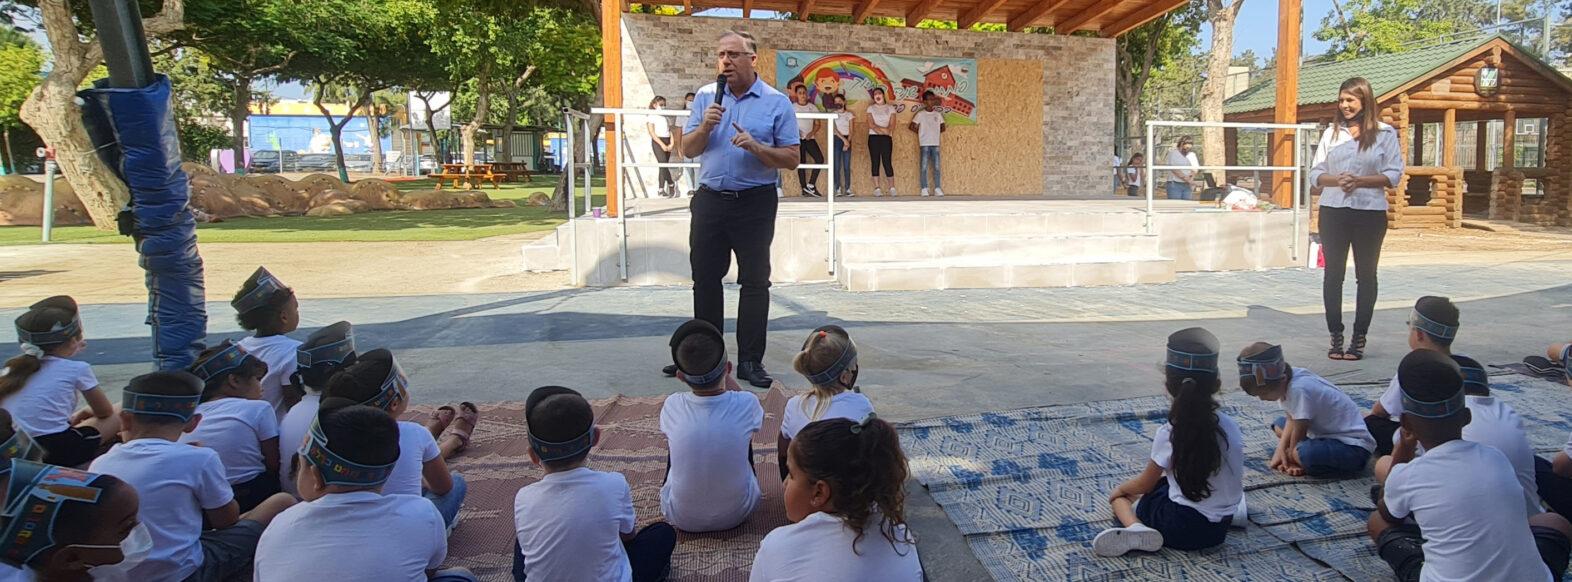 """שנת הלימודים תשפ""""ב נפתחה עם 6 גני ילדים חדשים והקפדה על אורחות חיים בבית הספר בהתאם למתווה משרד החינוך"""